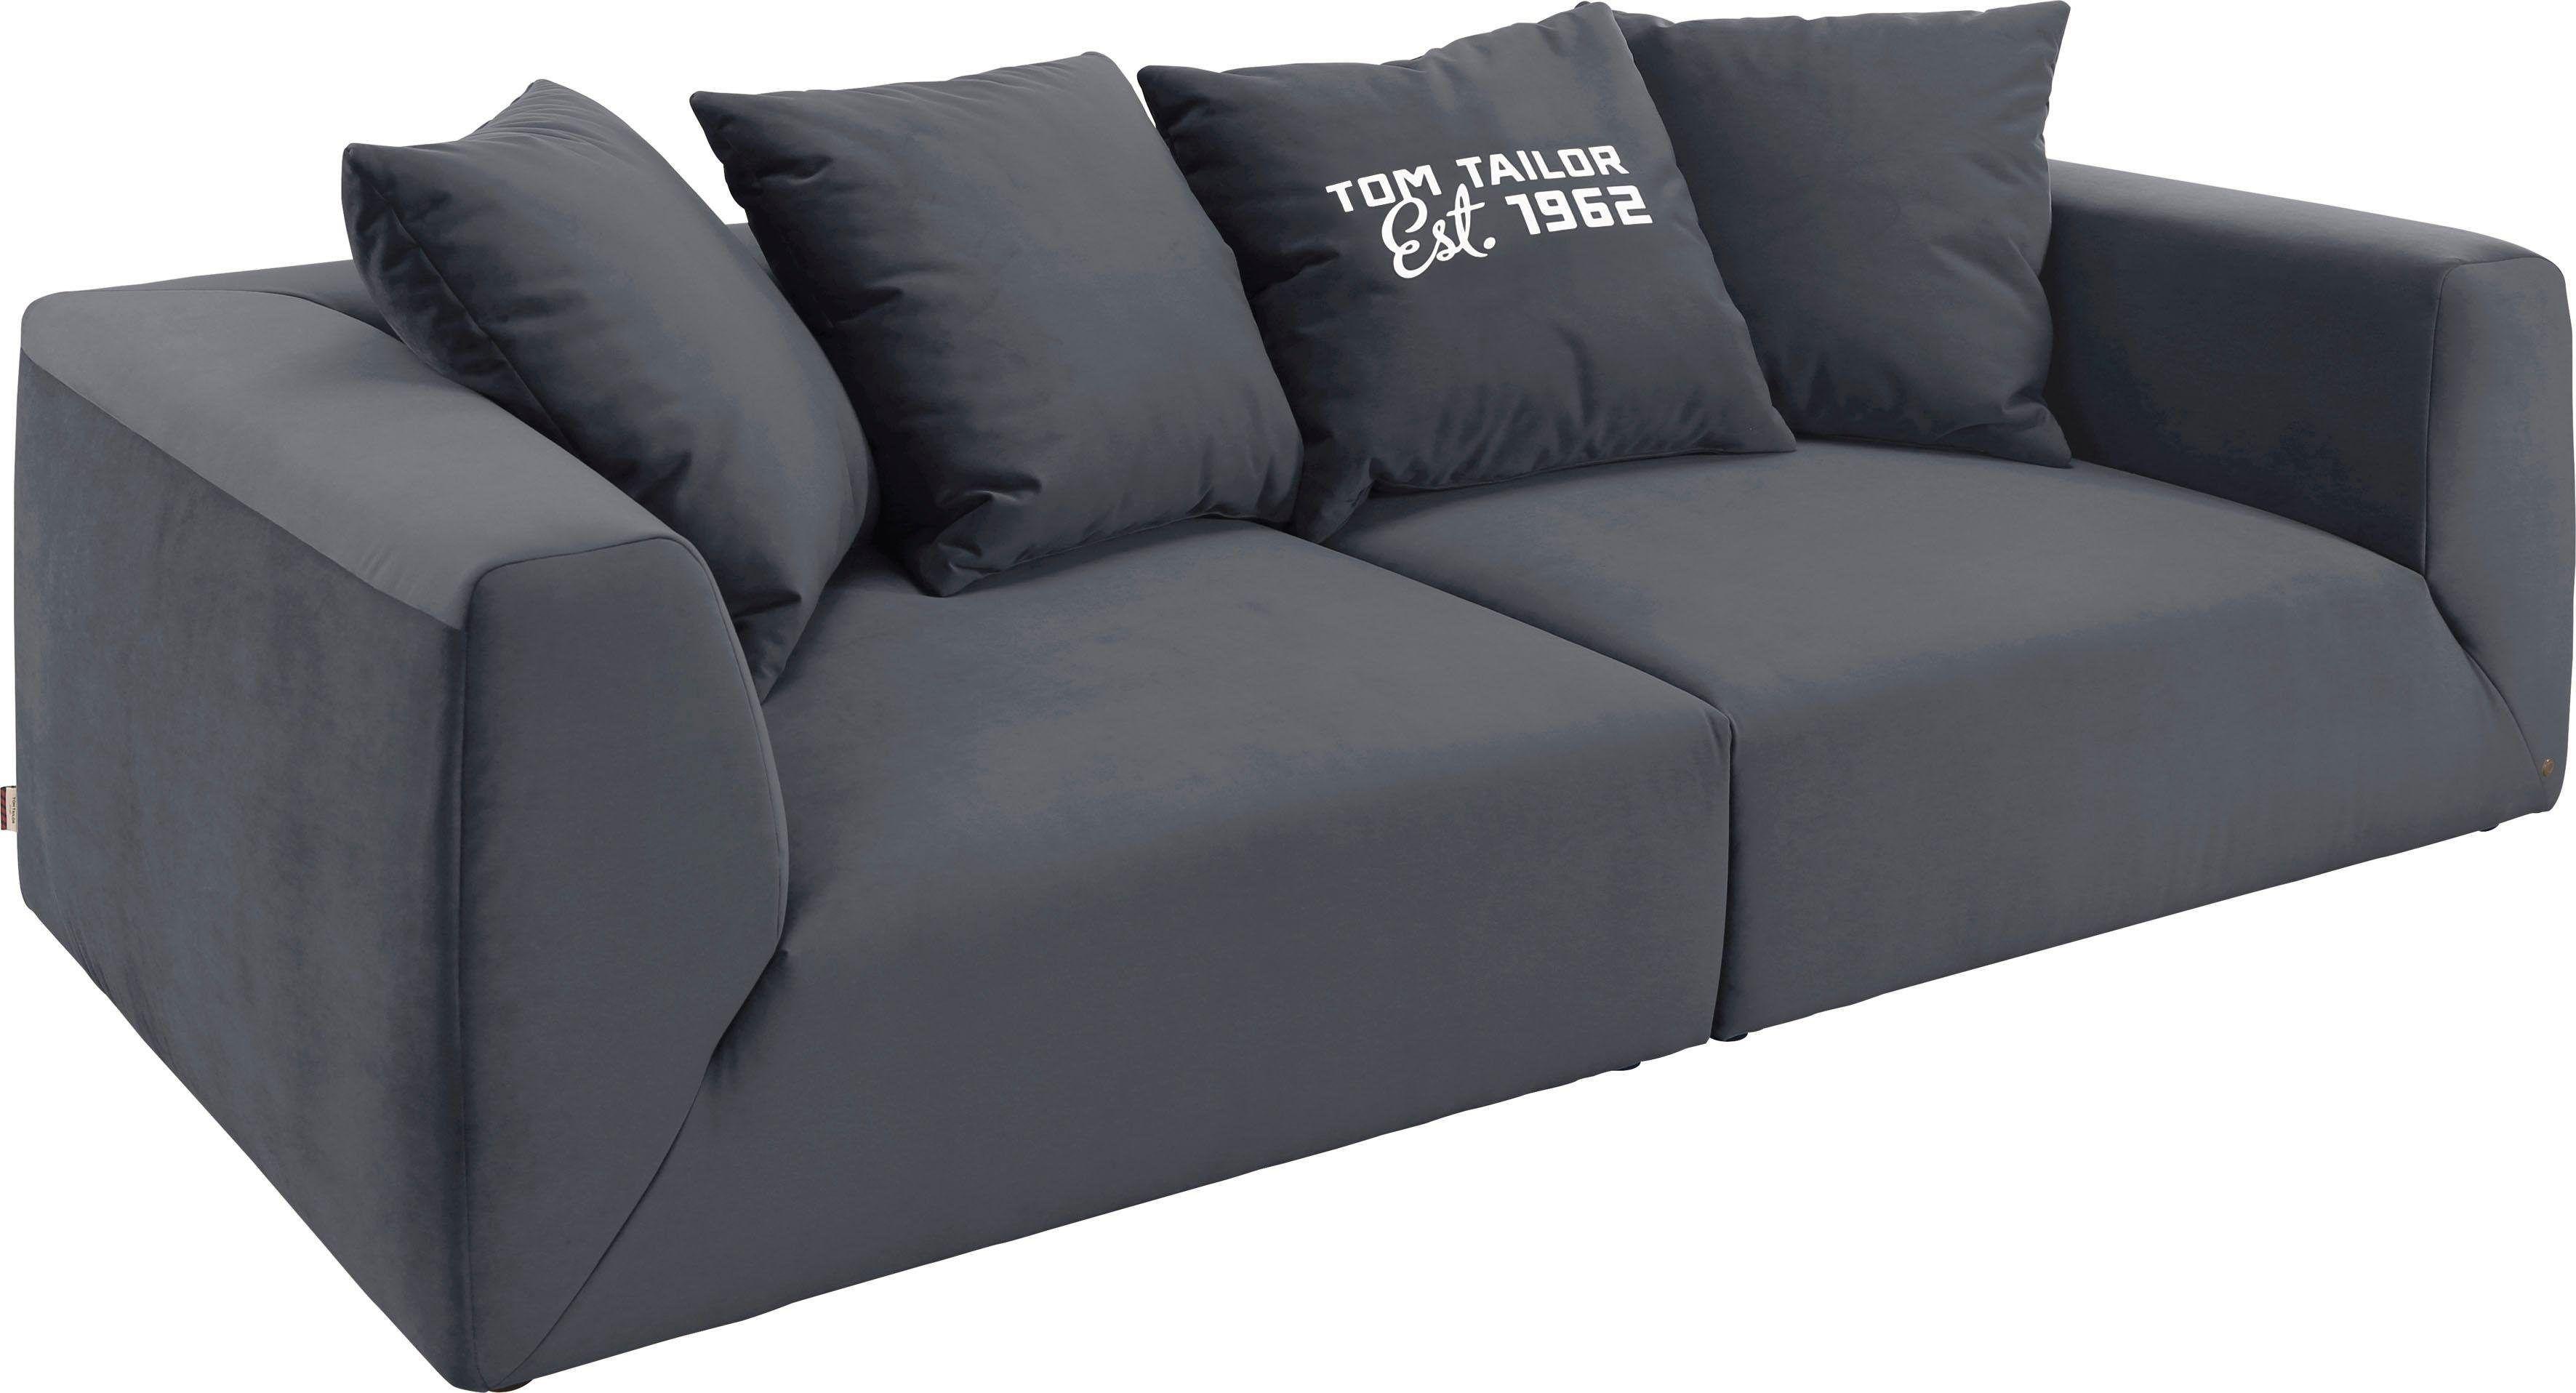 Tom Tailor Bigsofa Big Cube Casual Round Grau Jetzt Bestellen Unter Https Moebel Ladendirekt De Wohnzimmer Sofas Bigsofas Wohnzimmer Sofa Sofas Wohnzimmer